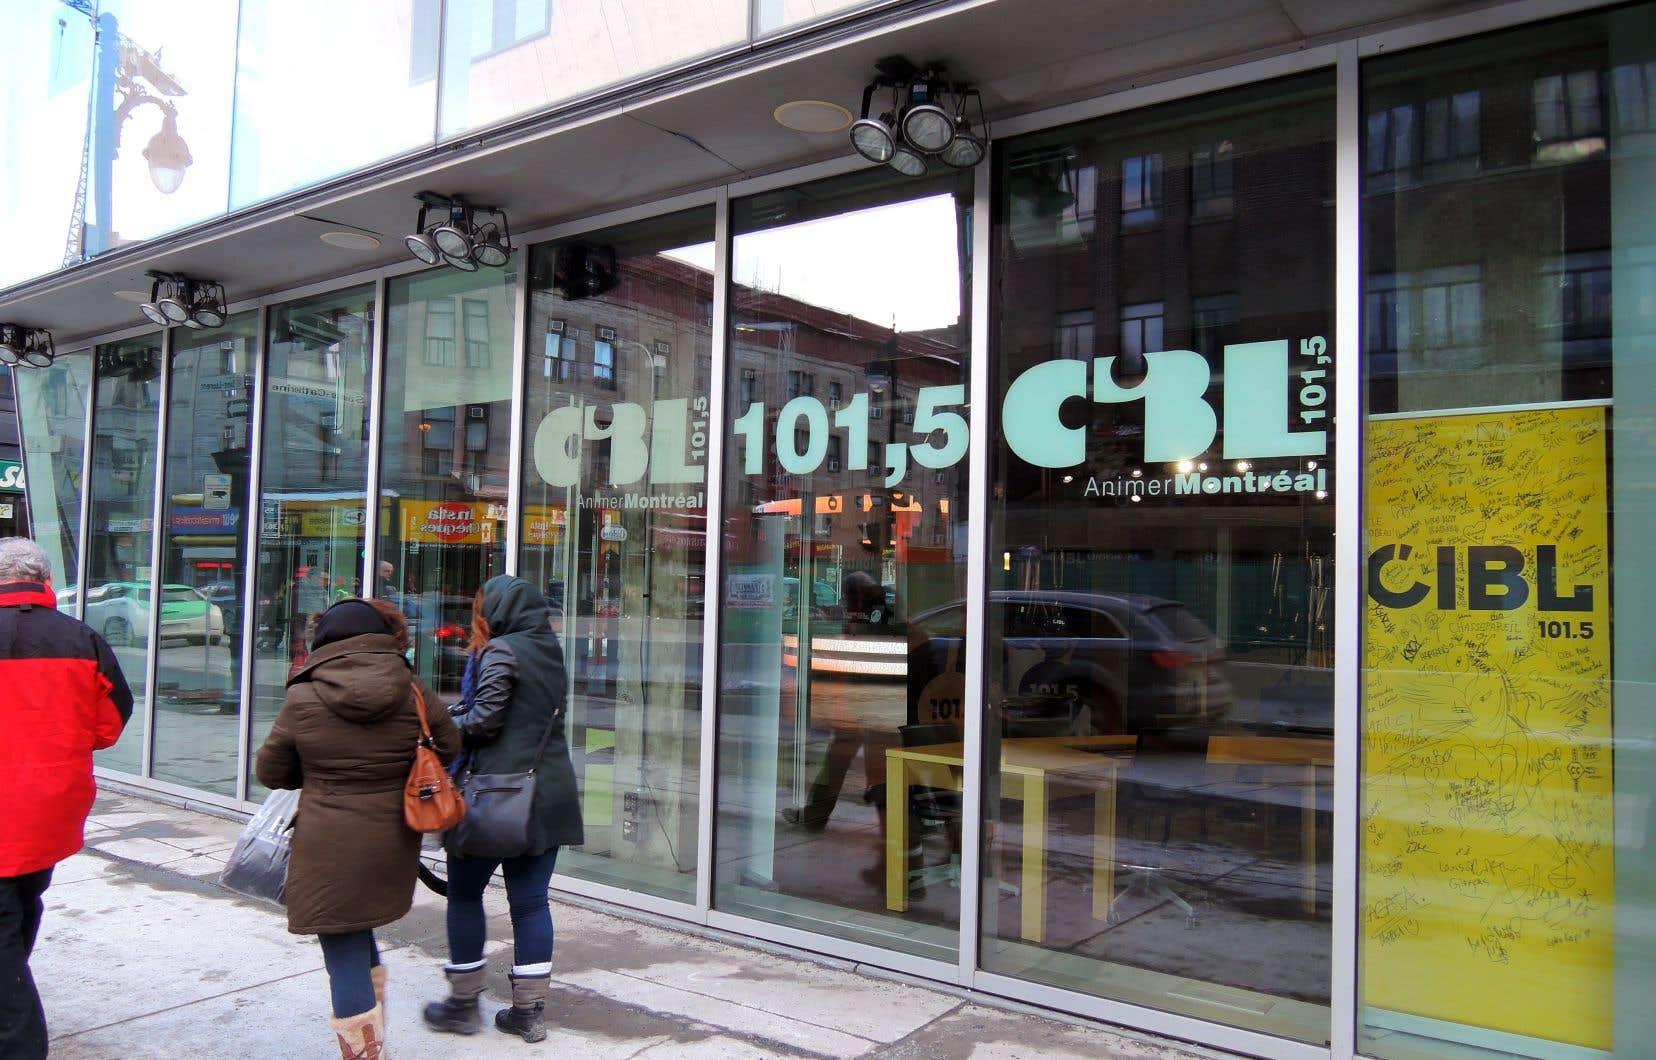 La station a quitté le boulevard Pie-IX en 2011 pour s'installer dans un espace plus moderne dans le Quartier des spectacles.